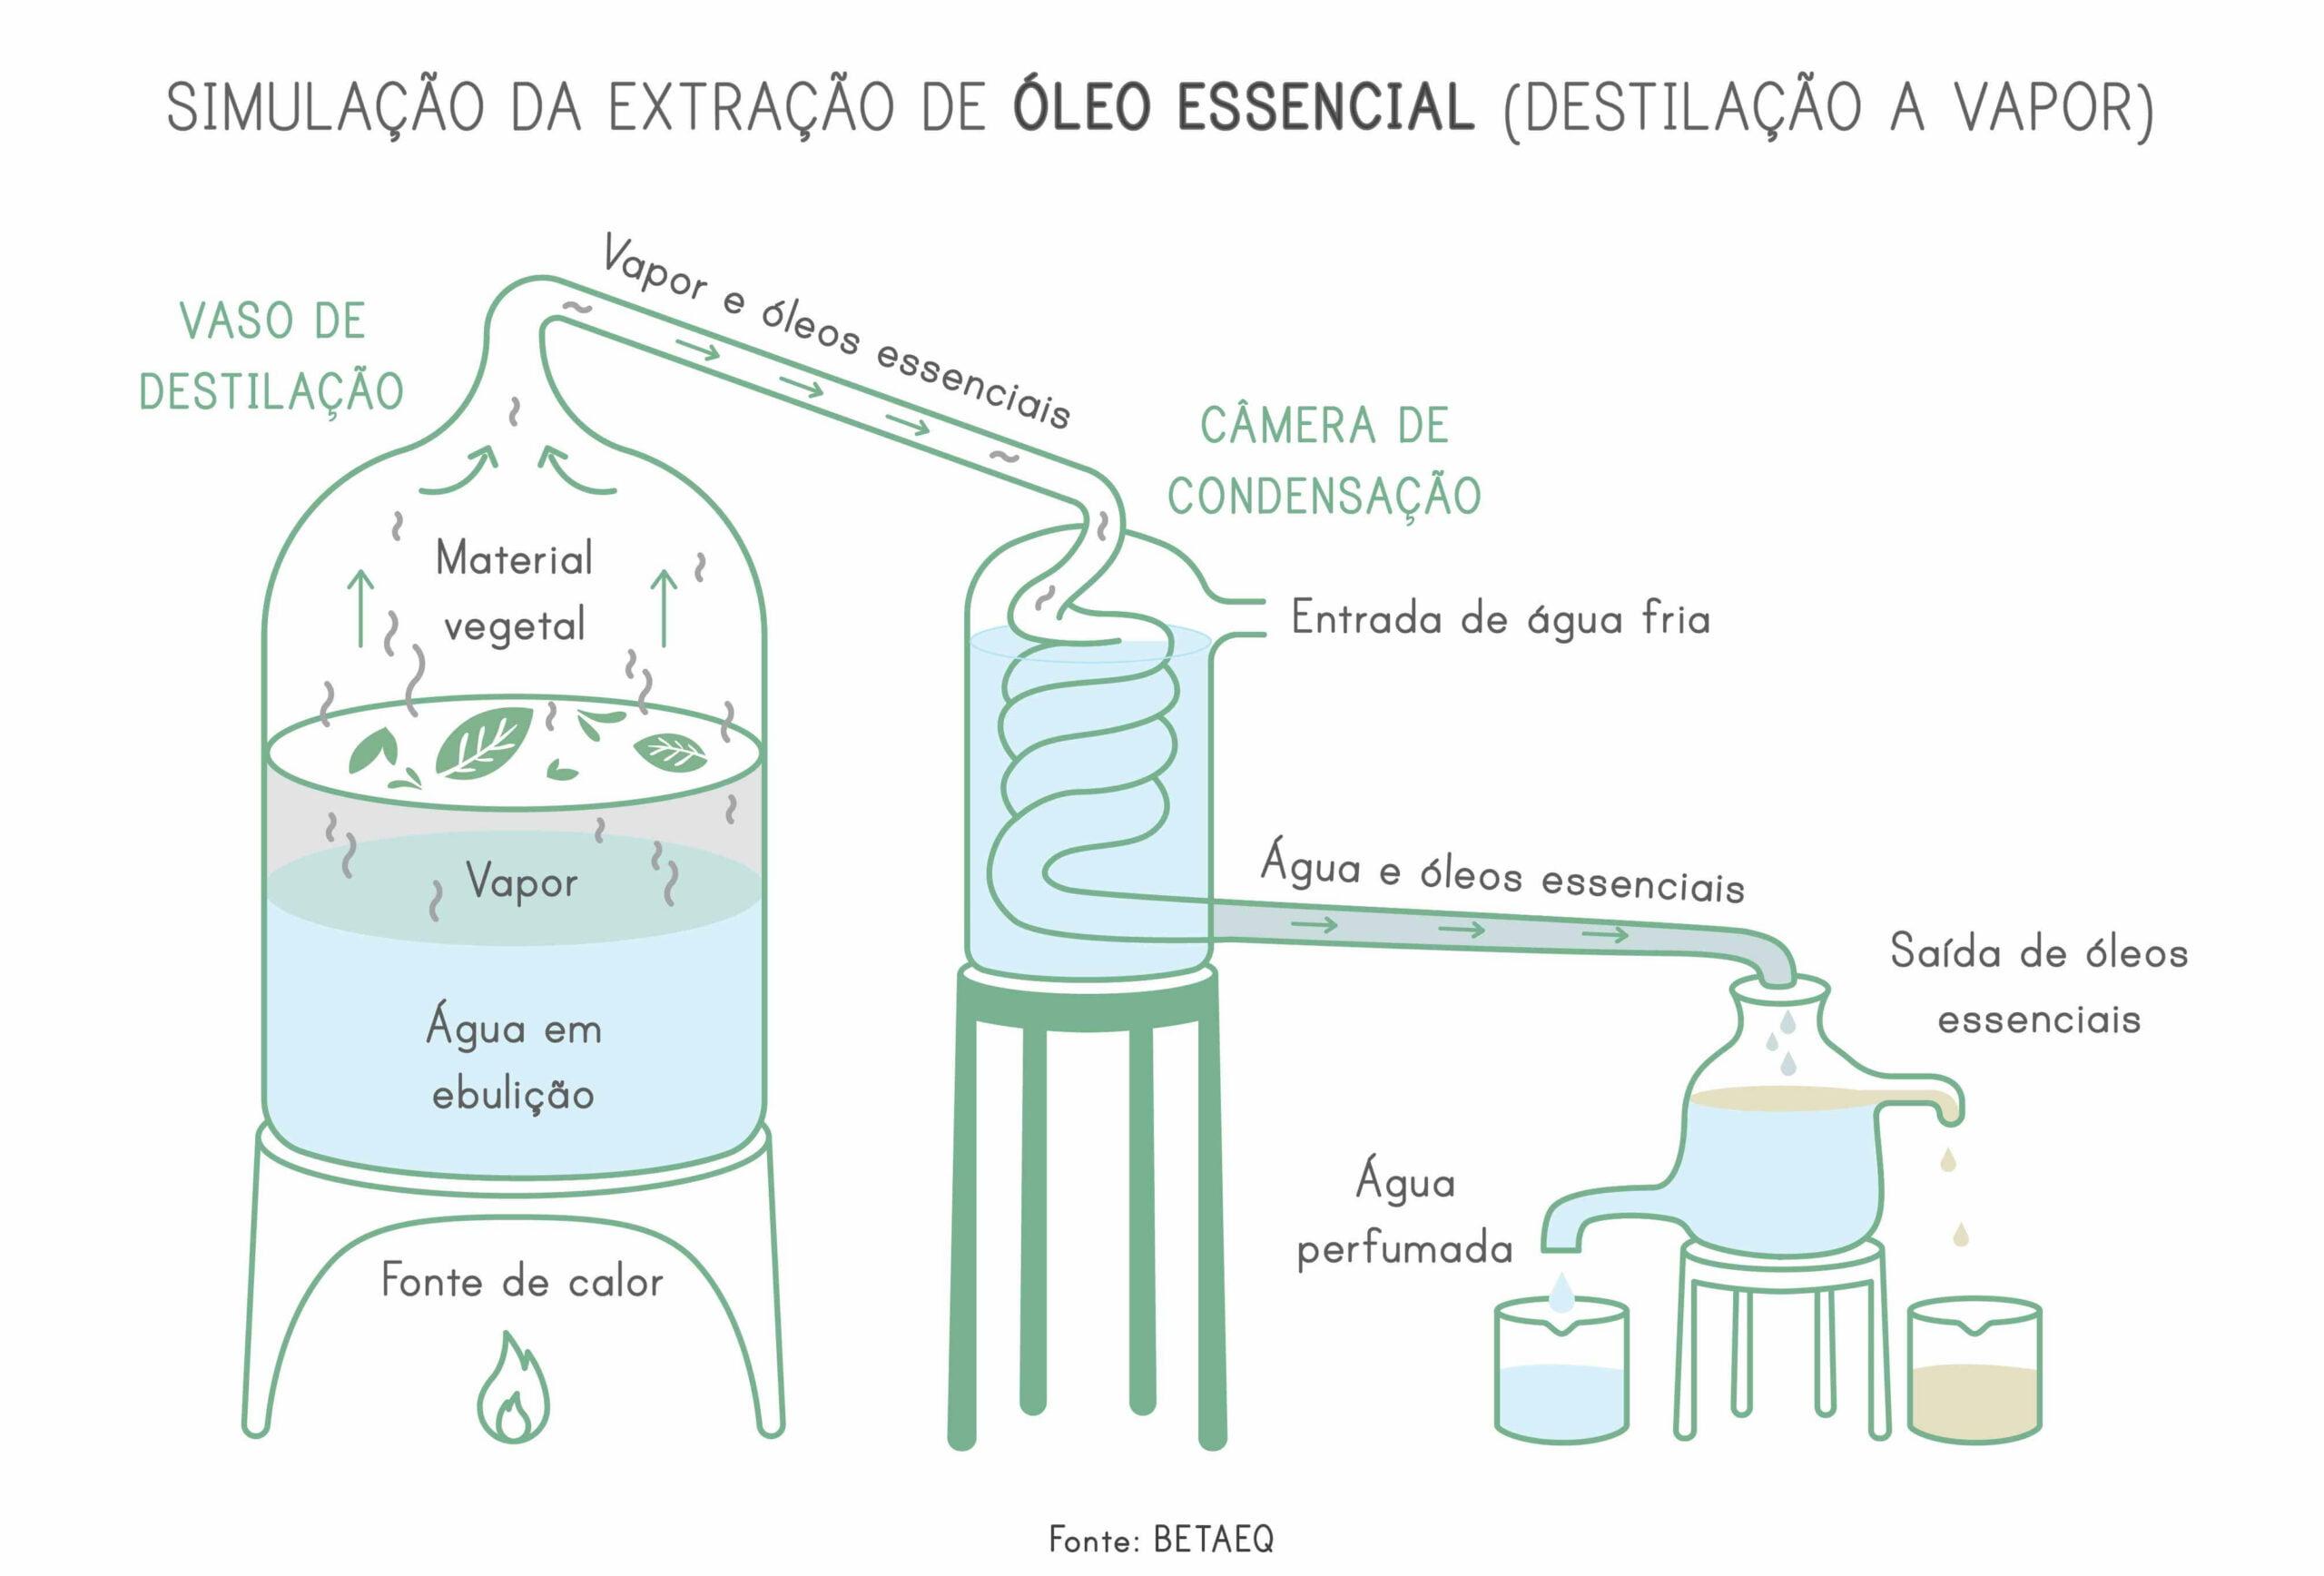 Óleos_Essenciais_Destilação_a_Vapor_Mind_The_Trash_23